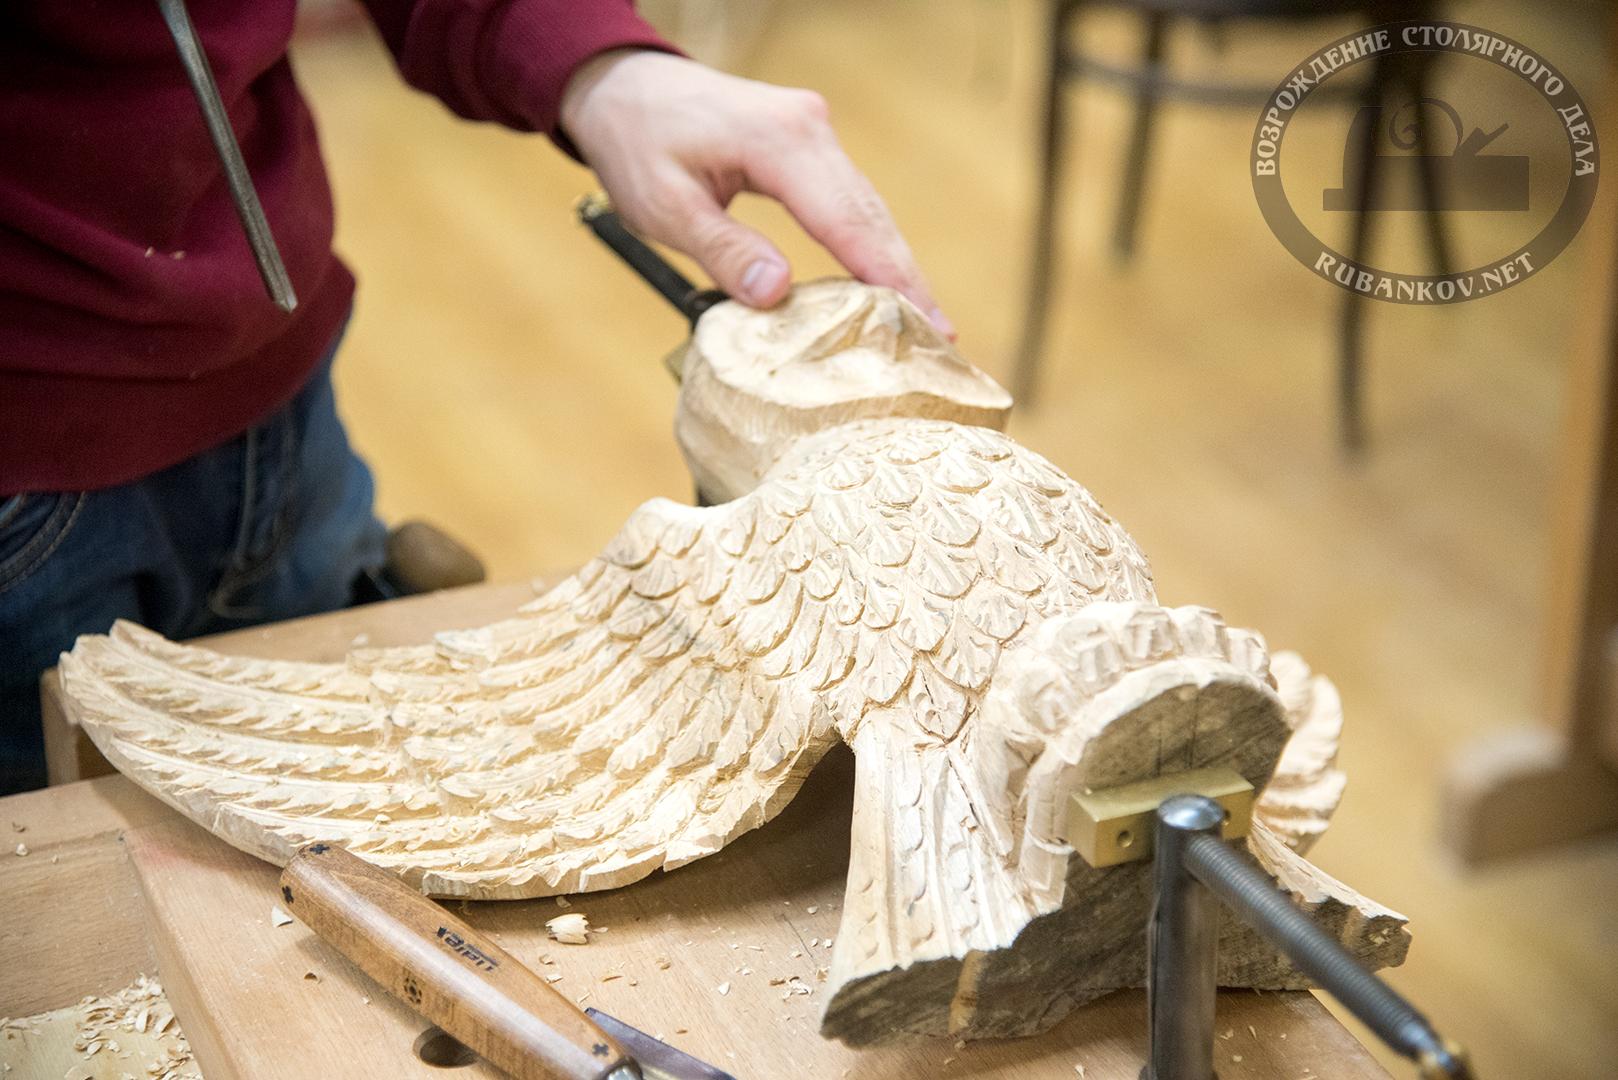 Резьба по дереву - деревянная скульптура птицы